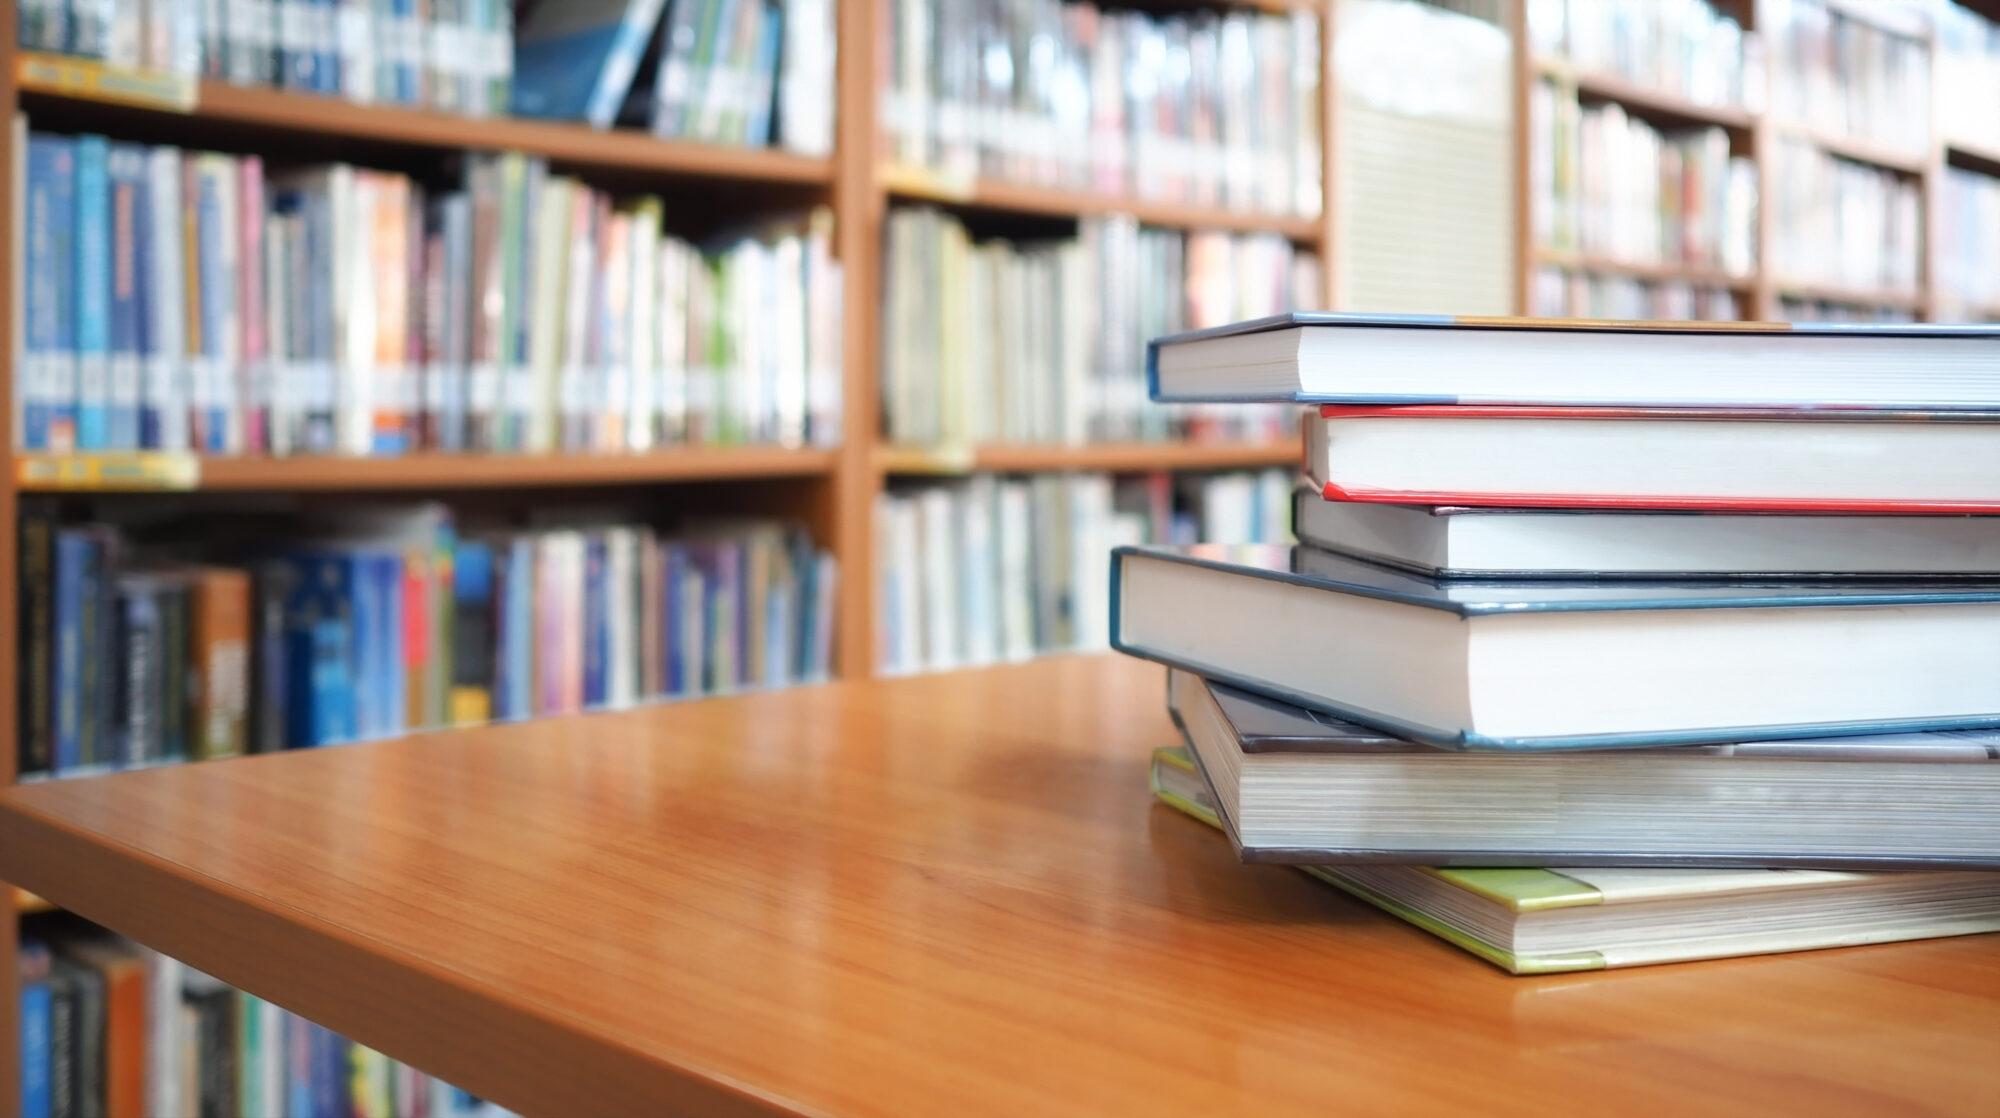 Bibliotheken blijven in zomer actief